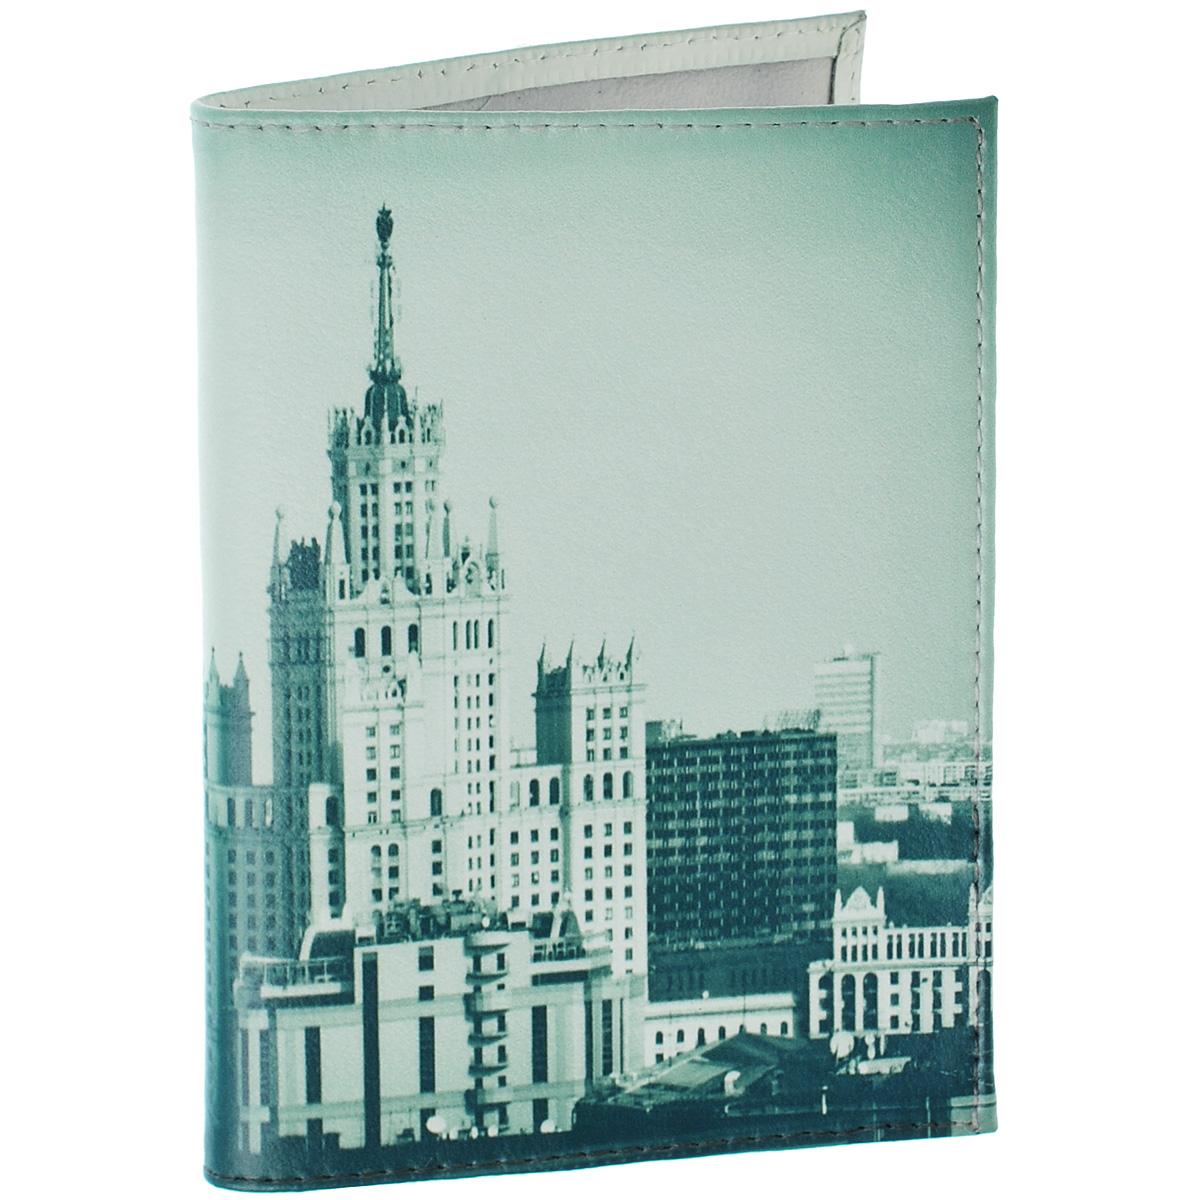 Обложка для паспорта Сталинская высотка. OK283OK283Обложка для паспорта Mitya Veselkov Сталинская высотка изготовлена из натуральной высококачественной кожи и оформлена изображением городского пейзажа со знаменитой высоткой. Внутри содержится два пластиковых кармашка для паспорта. Стильная обложка для паспорта не только поможет сохранить внешний вид ваших документов и защитить их от грязи и пыли, но и станет стильным аксессуаром, идеально подходящим вашему образу.